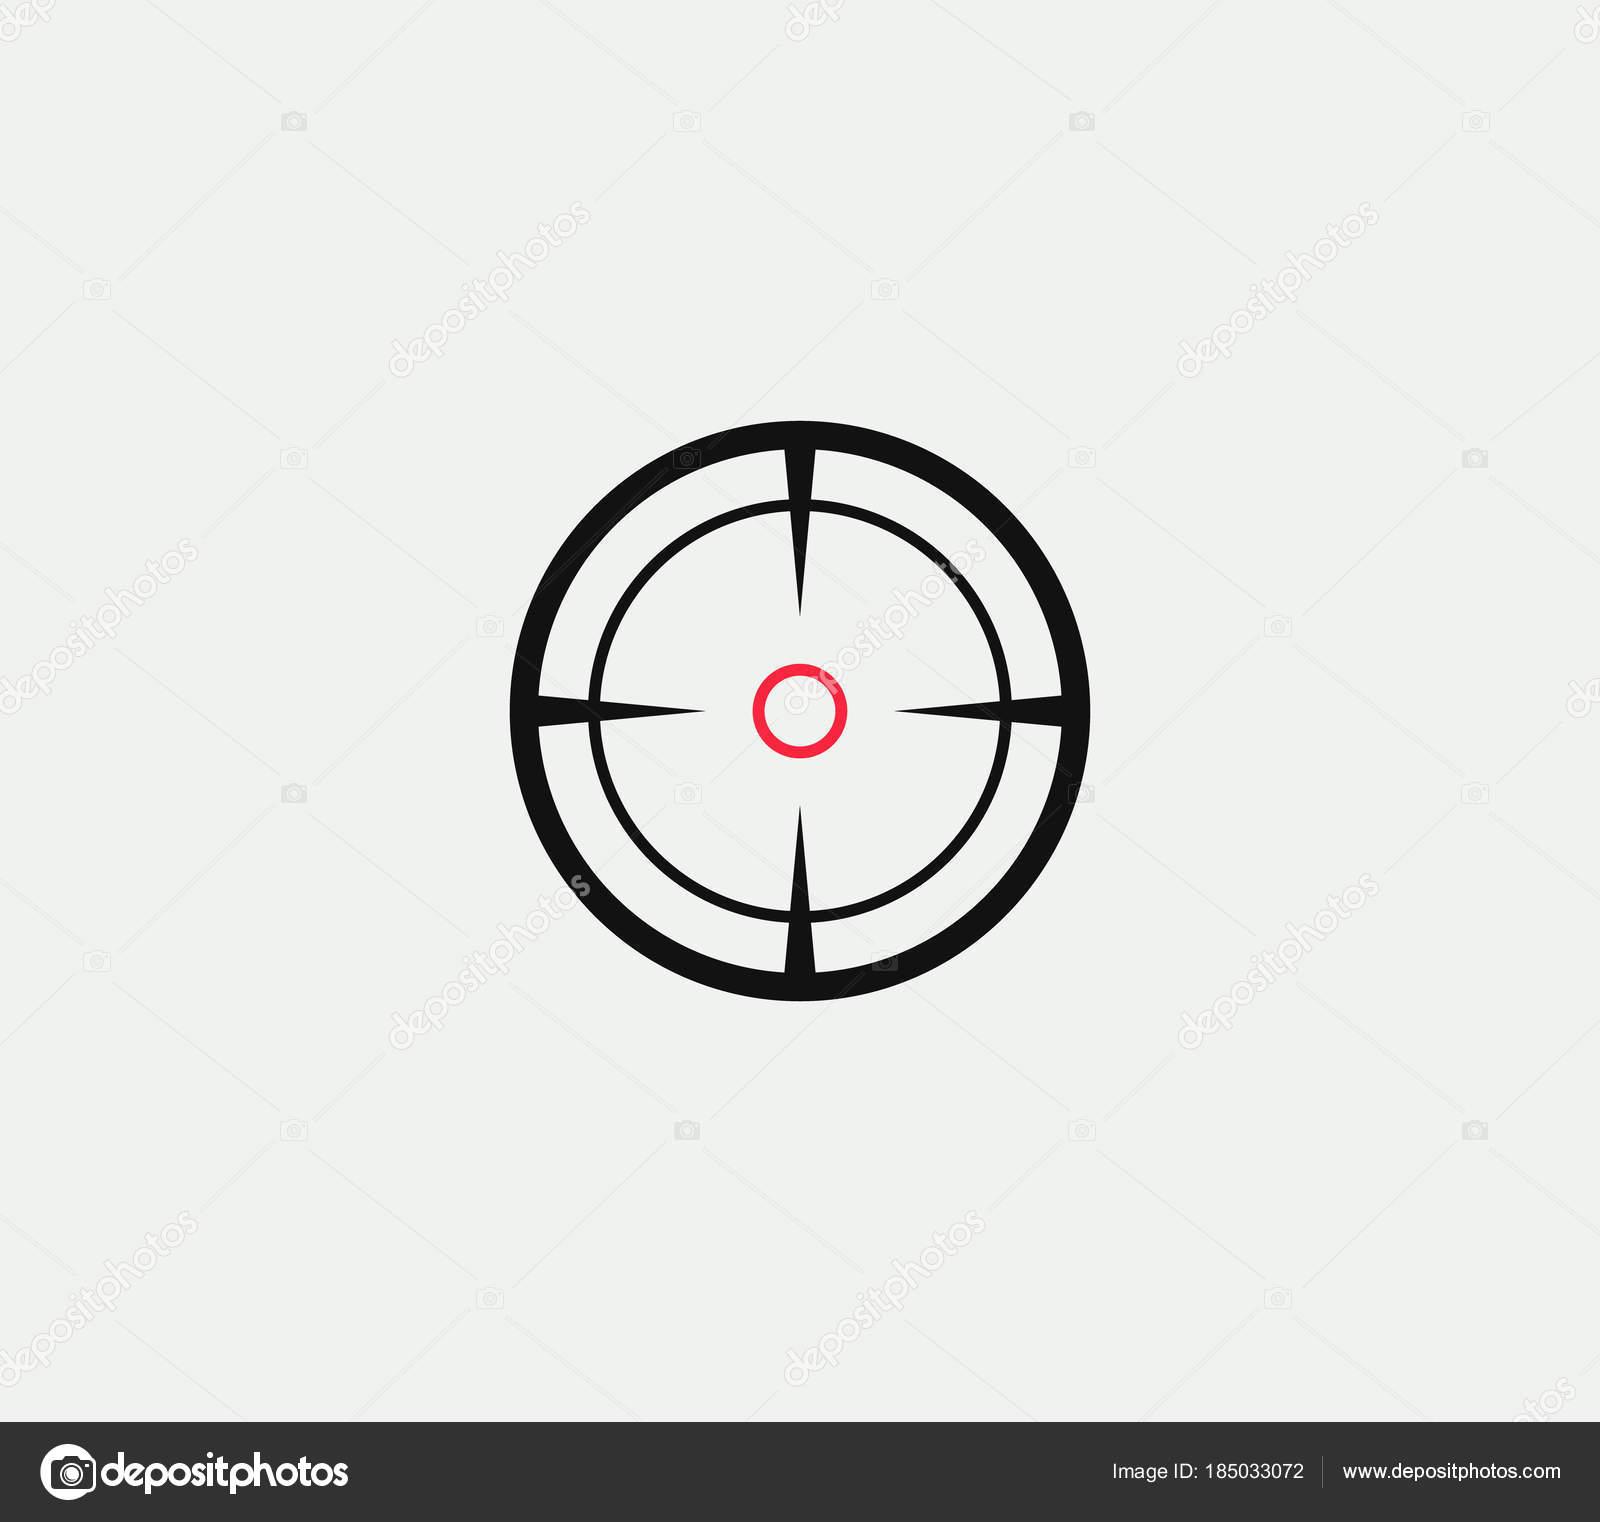 Vector objetivo lineal estilizado icono, signo abstracto objetivo ...